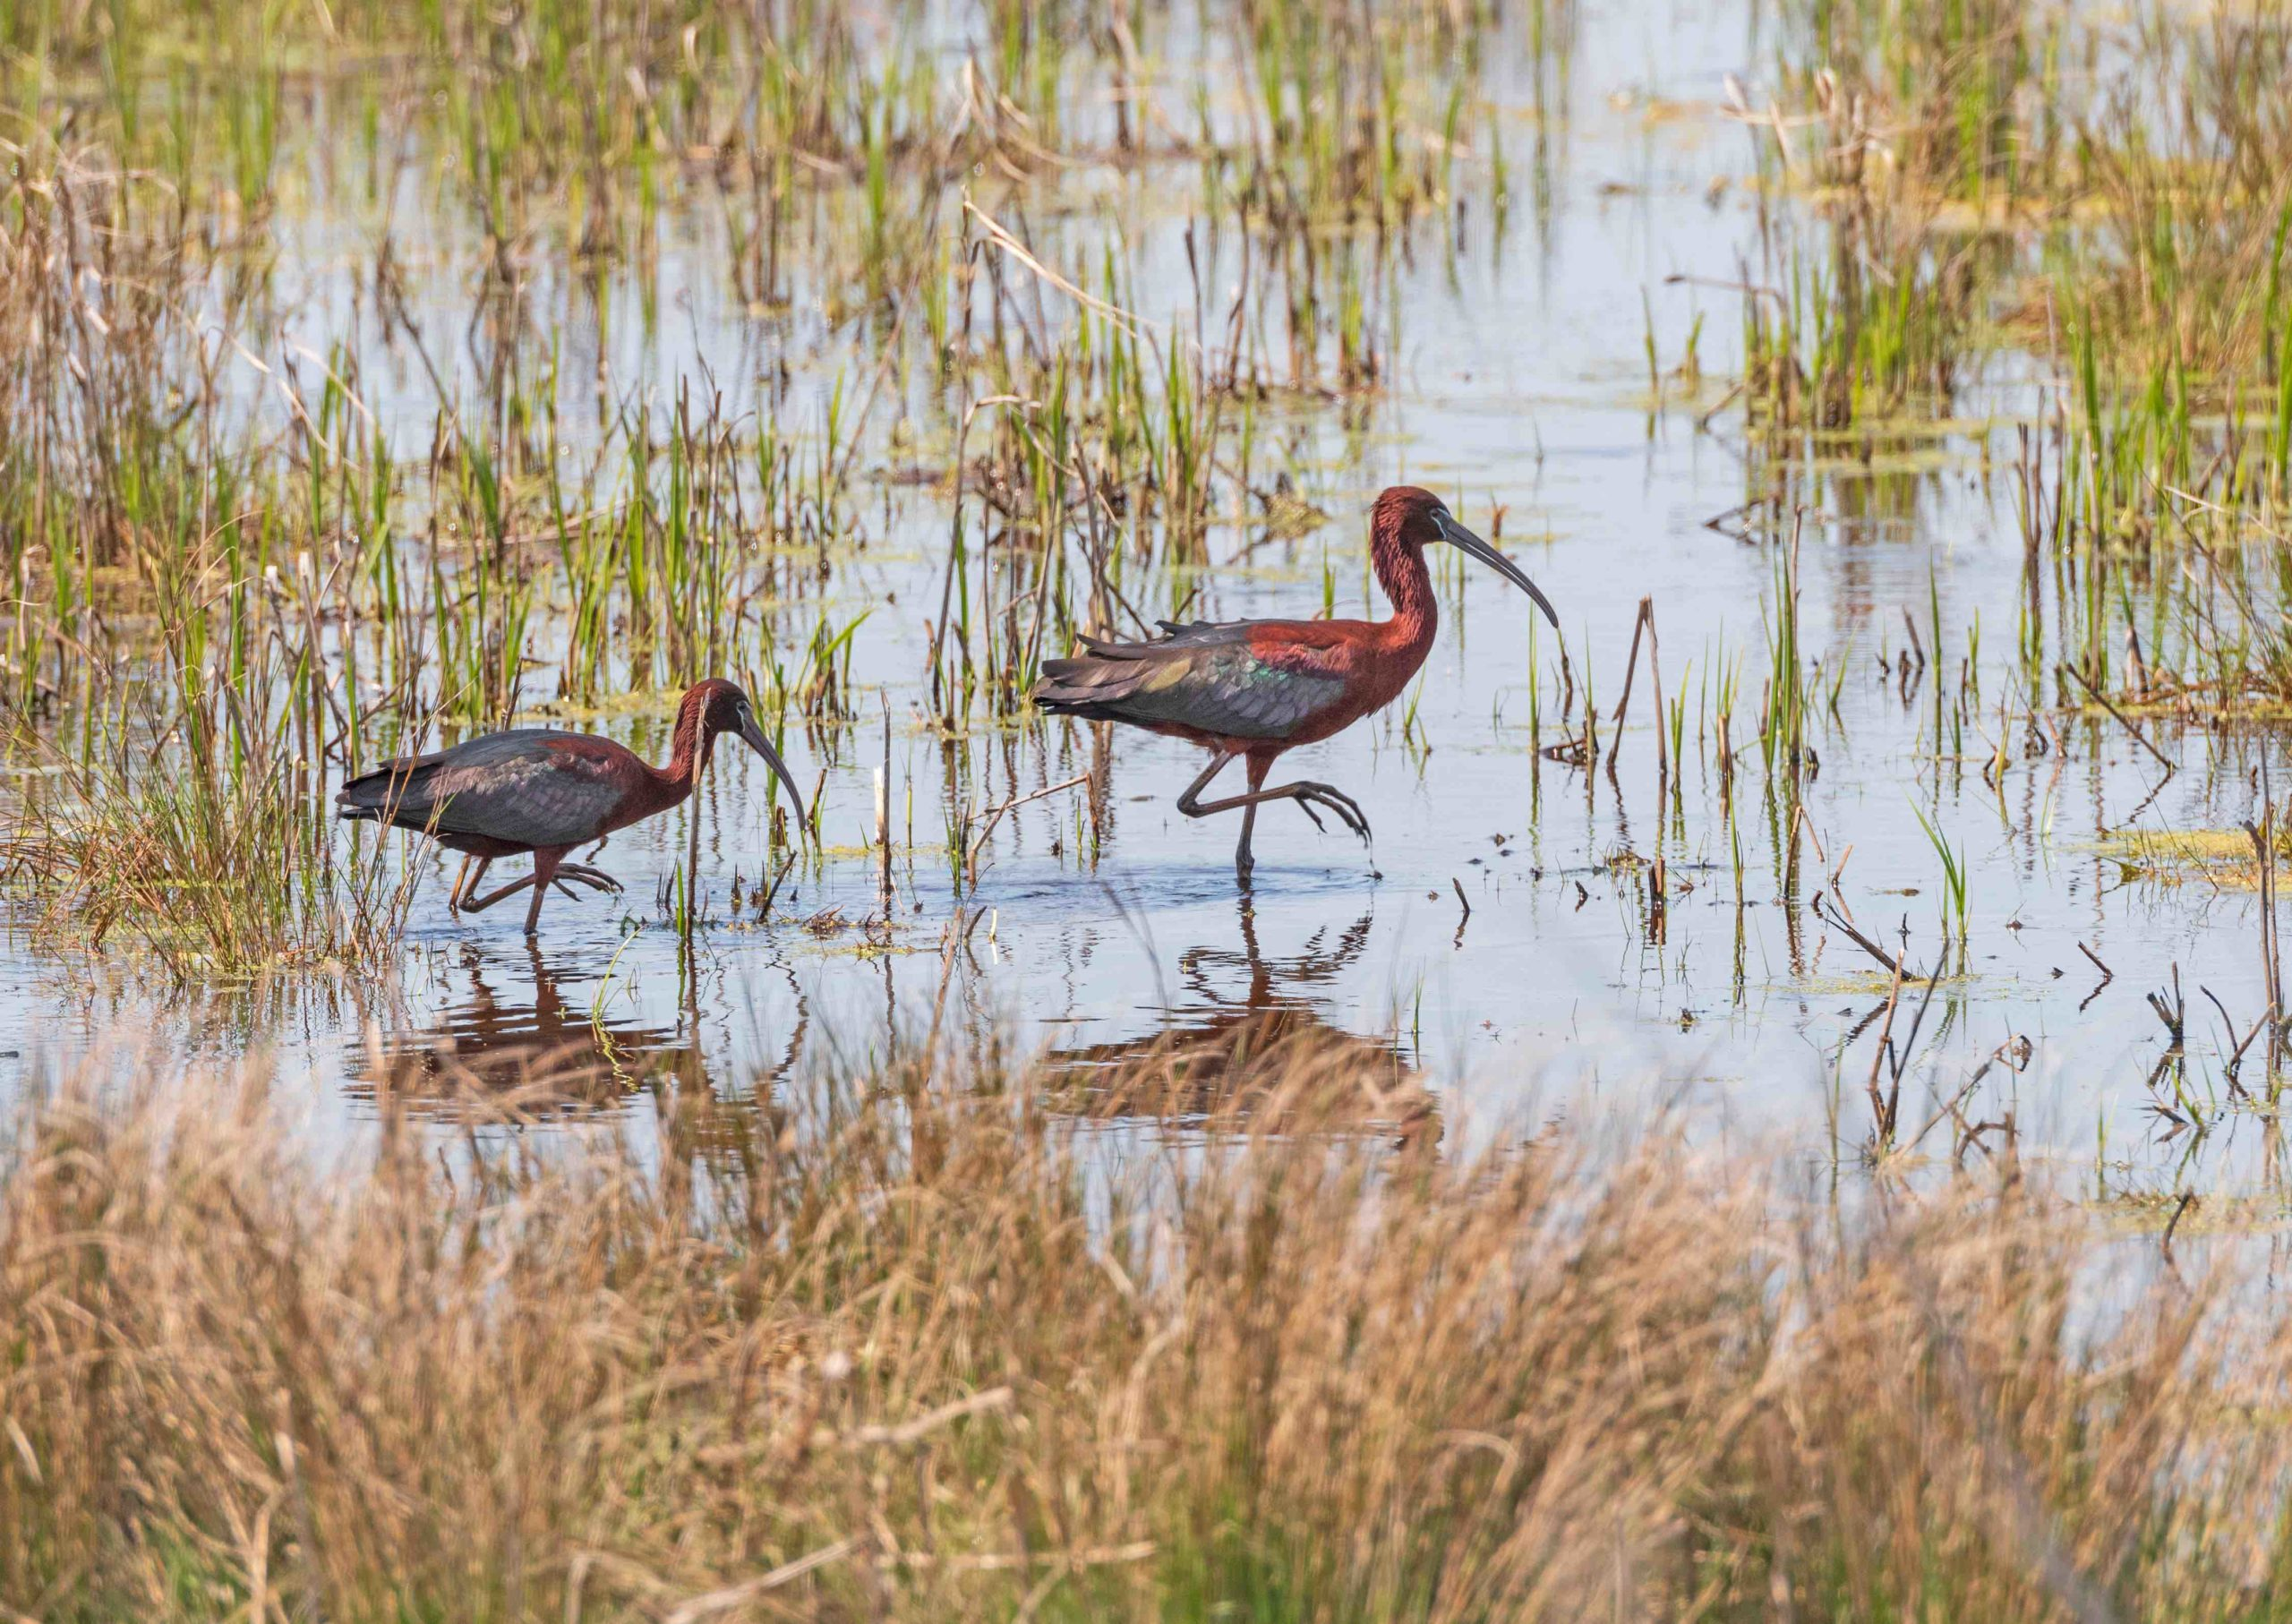 chincoteague glossy ibis